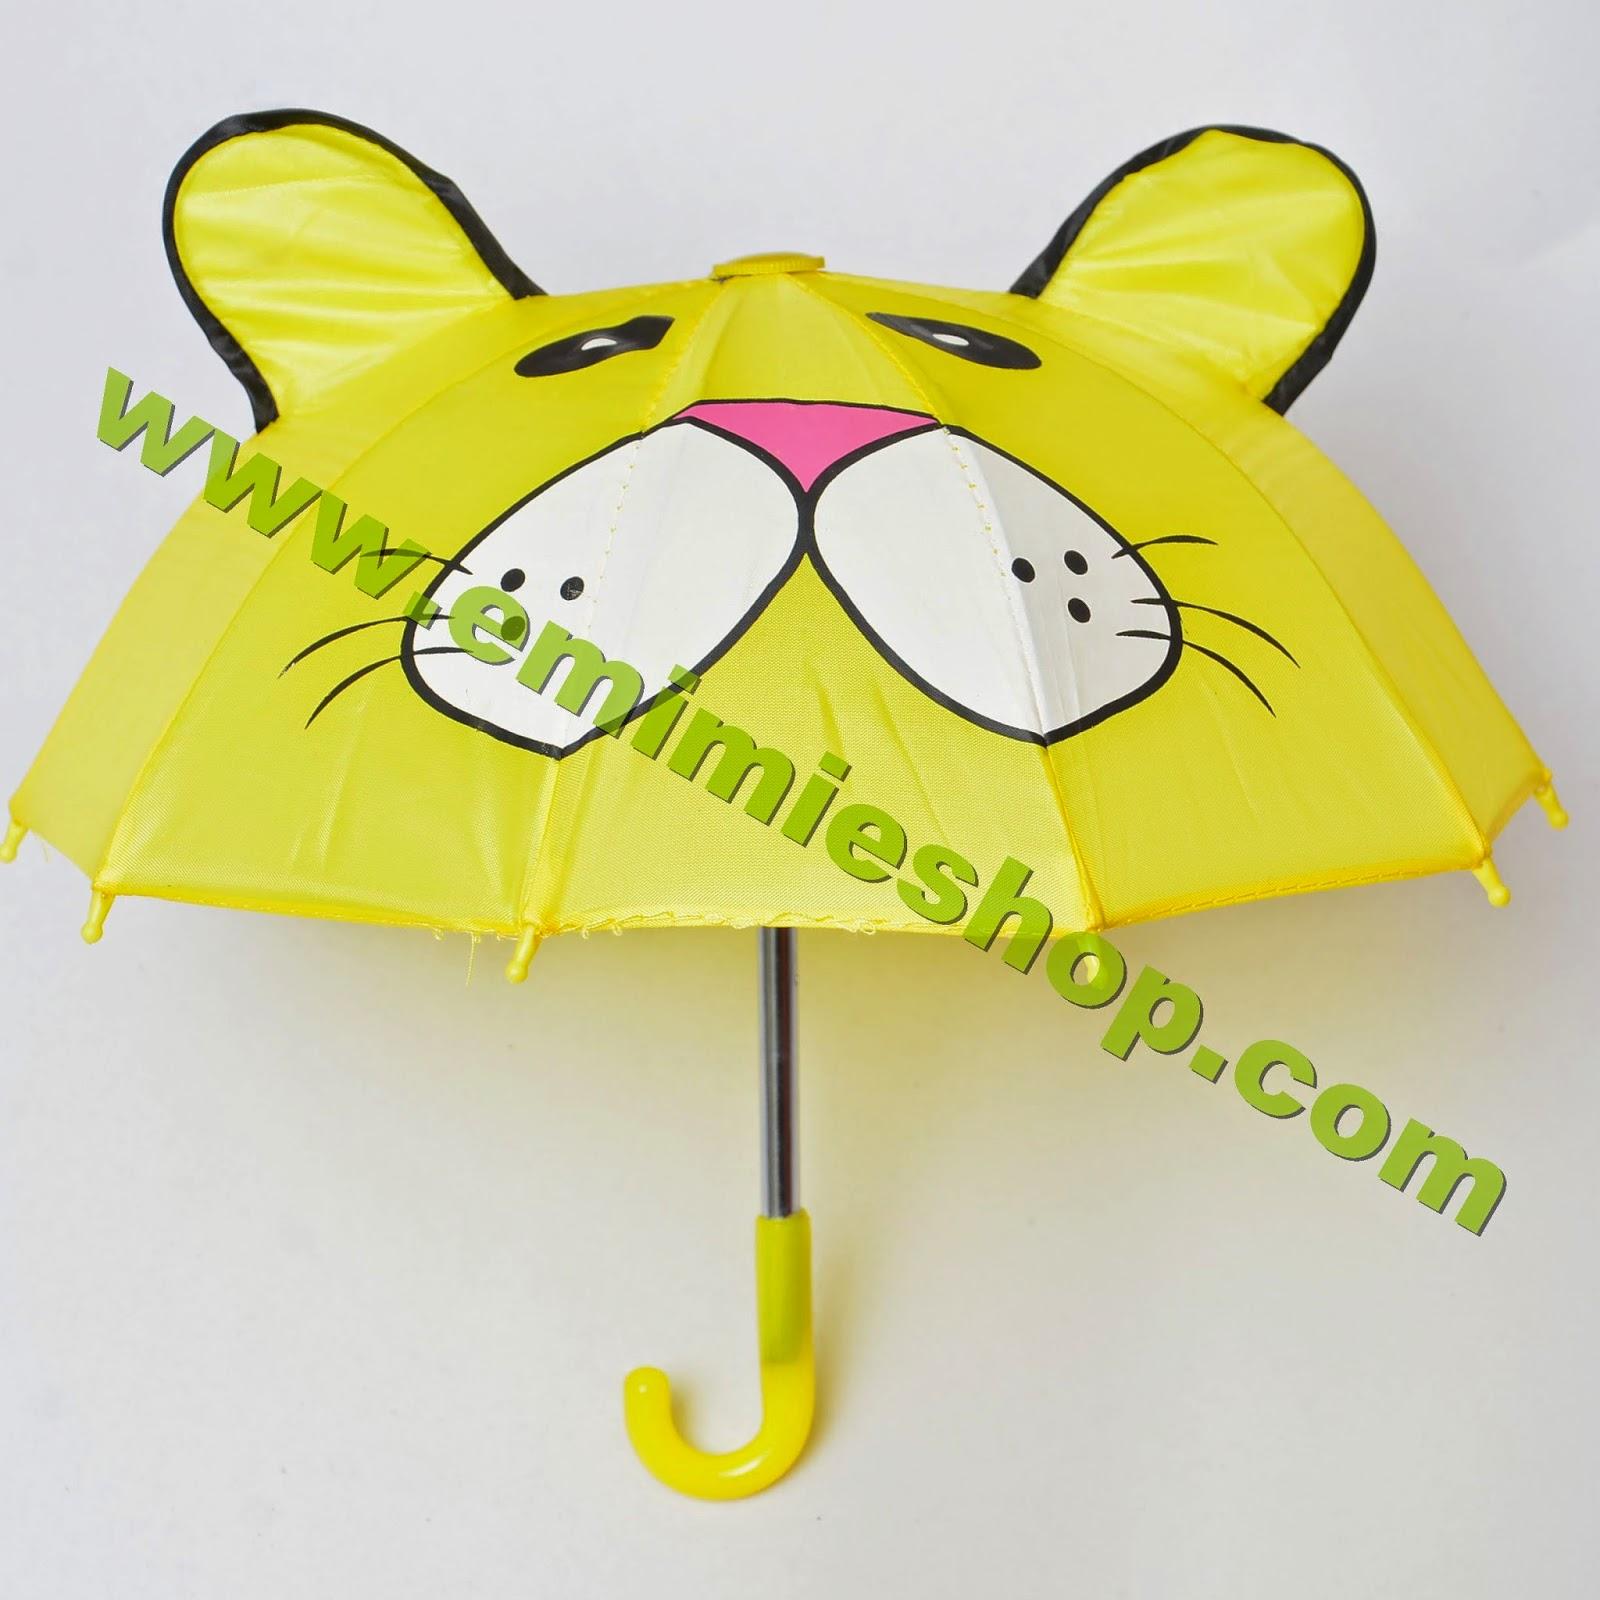 Payung Kuping Anak Mini